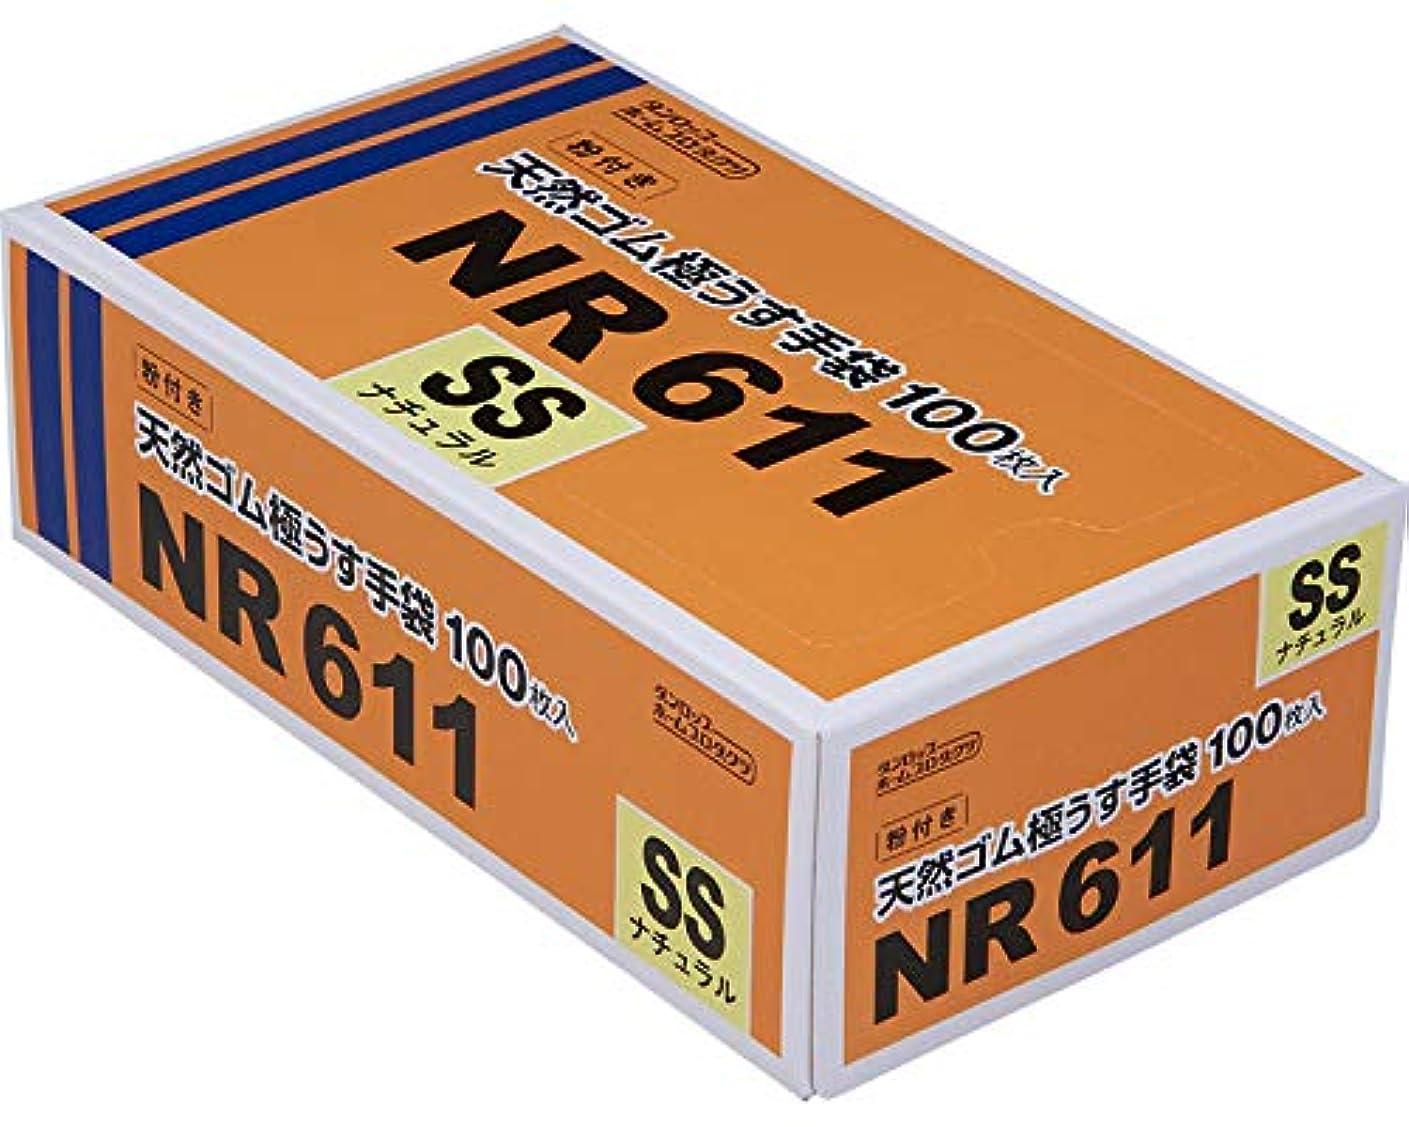 外向き傾斜サルベージ【ダンロップ】粉付天然ゴム極うす手袋ナチュラル(20箱入)NR611 (1ケース, SSサイズ)